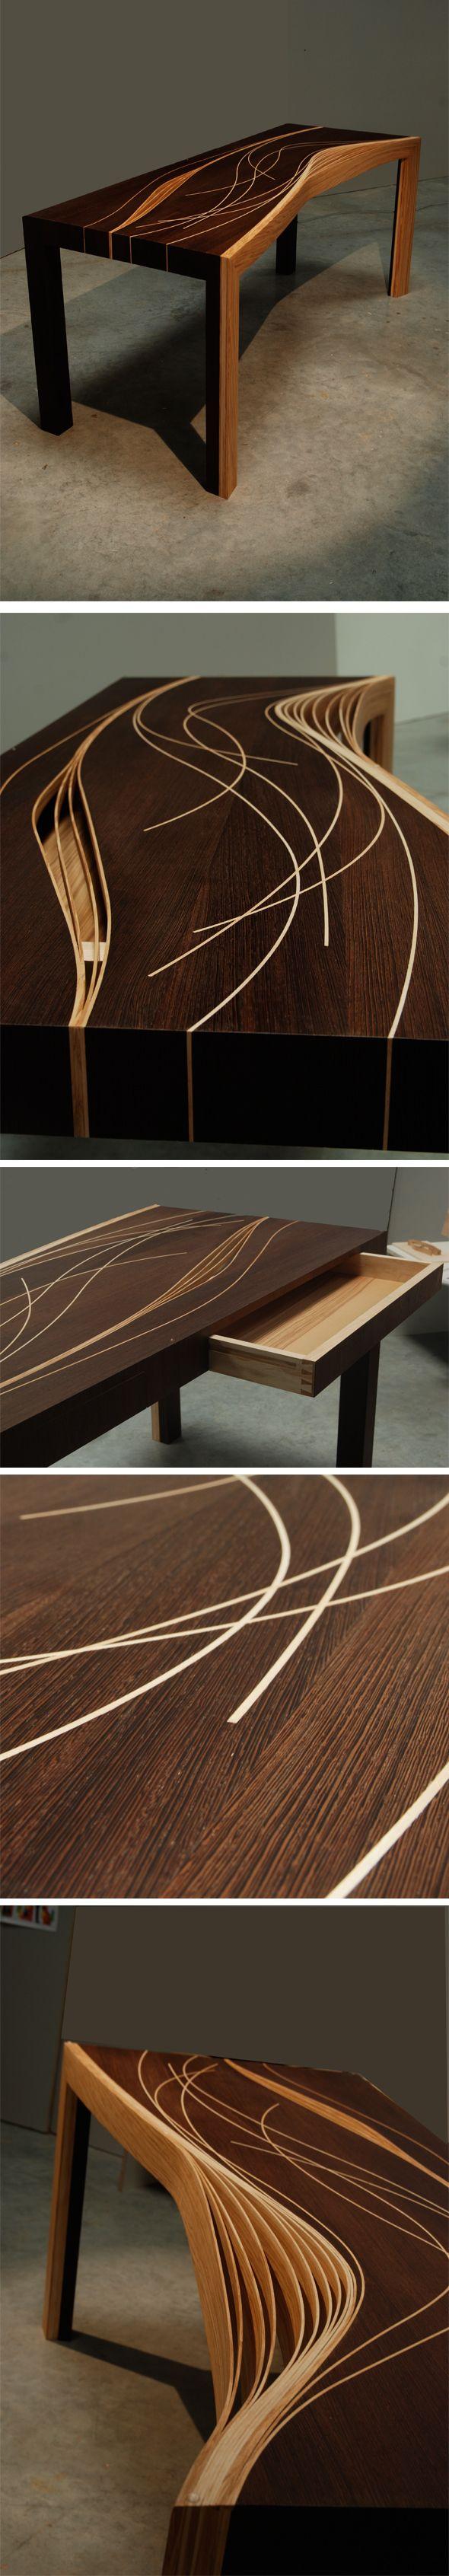 Bureau en bois dAurélien Fraisse  Bureaus and Wooden tables